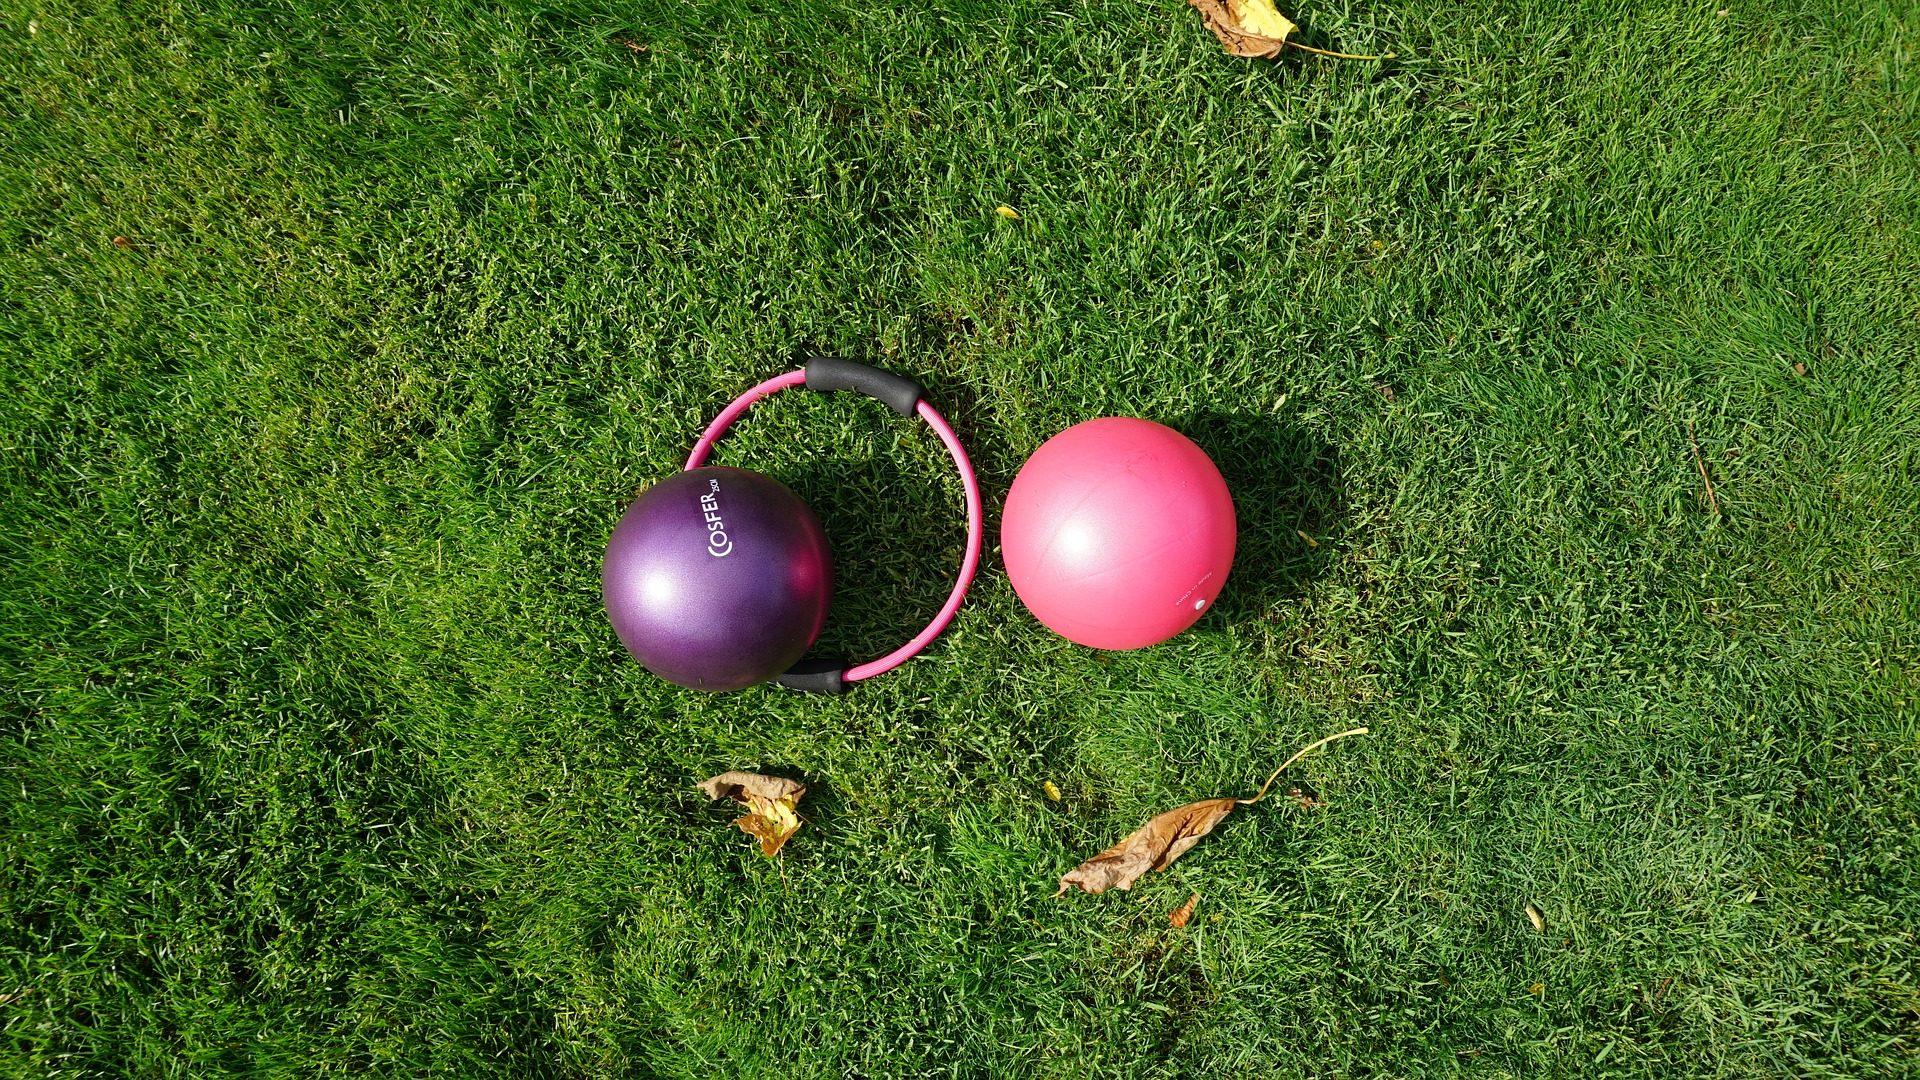 pelotas, palle, Pilates, anello, prato, all'aria aperta, esercizio - Sfondi HD - Professor-falken.com